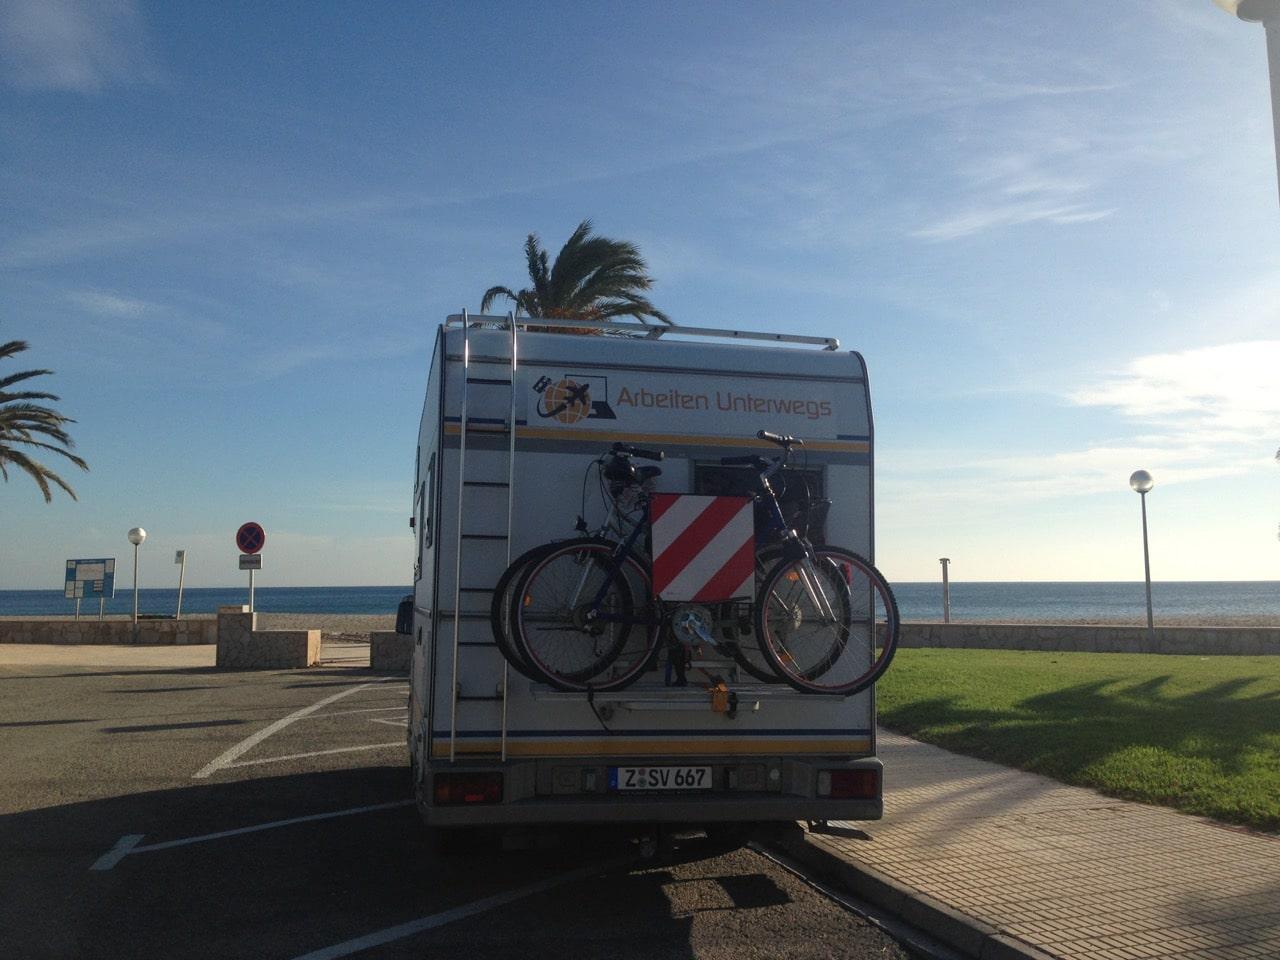 Ein Wohnmobil auf einem Parkplatz und vor dem Wohnmobil das Meer